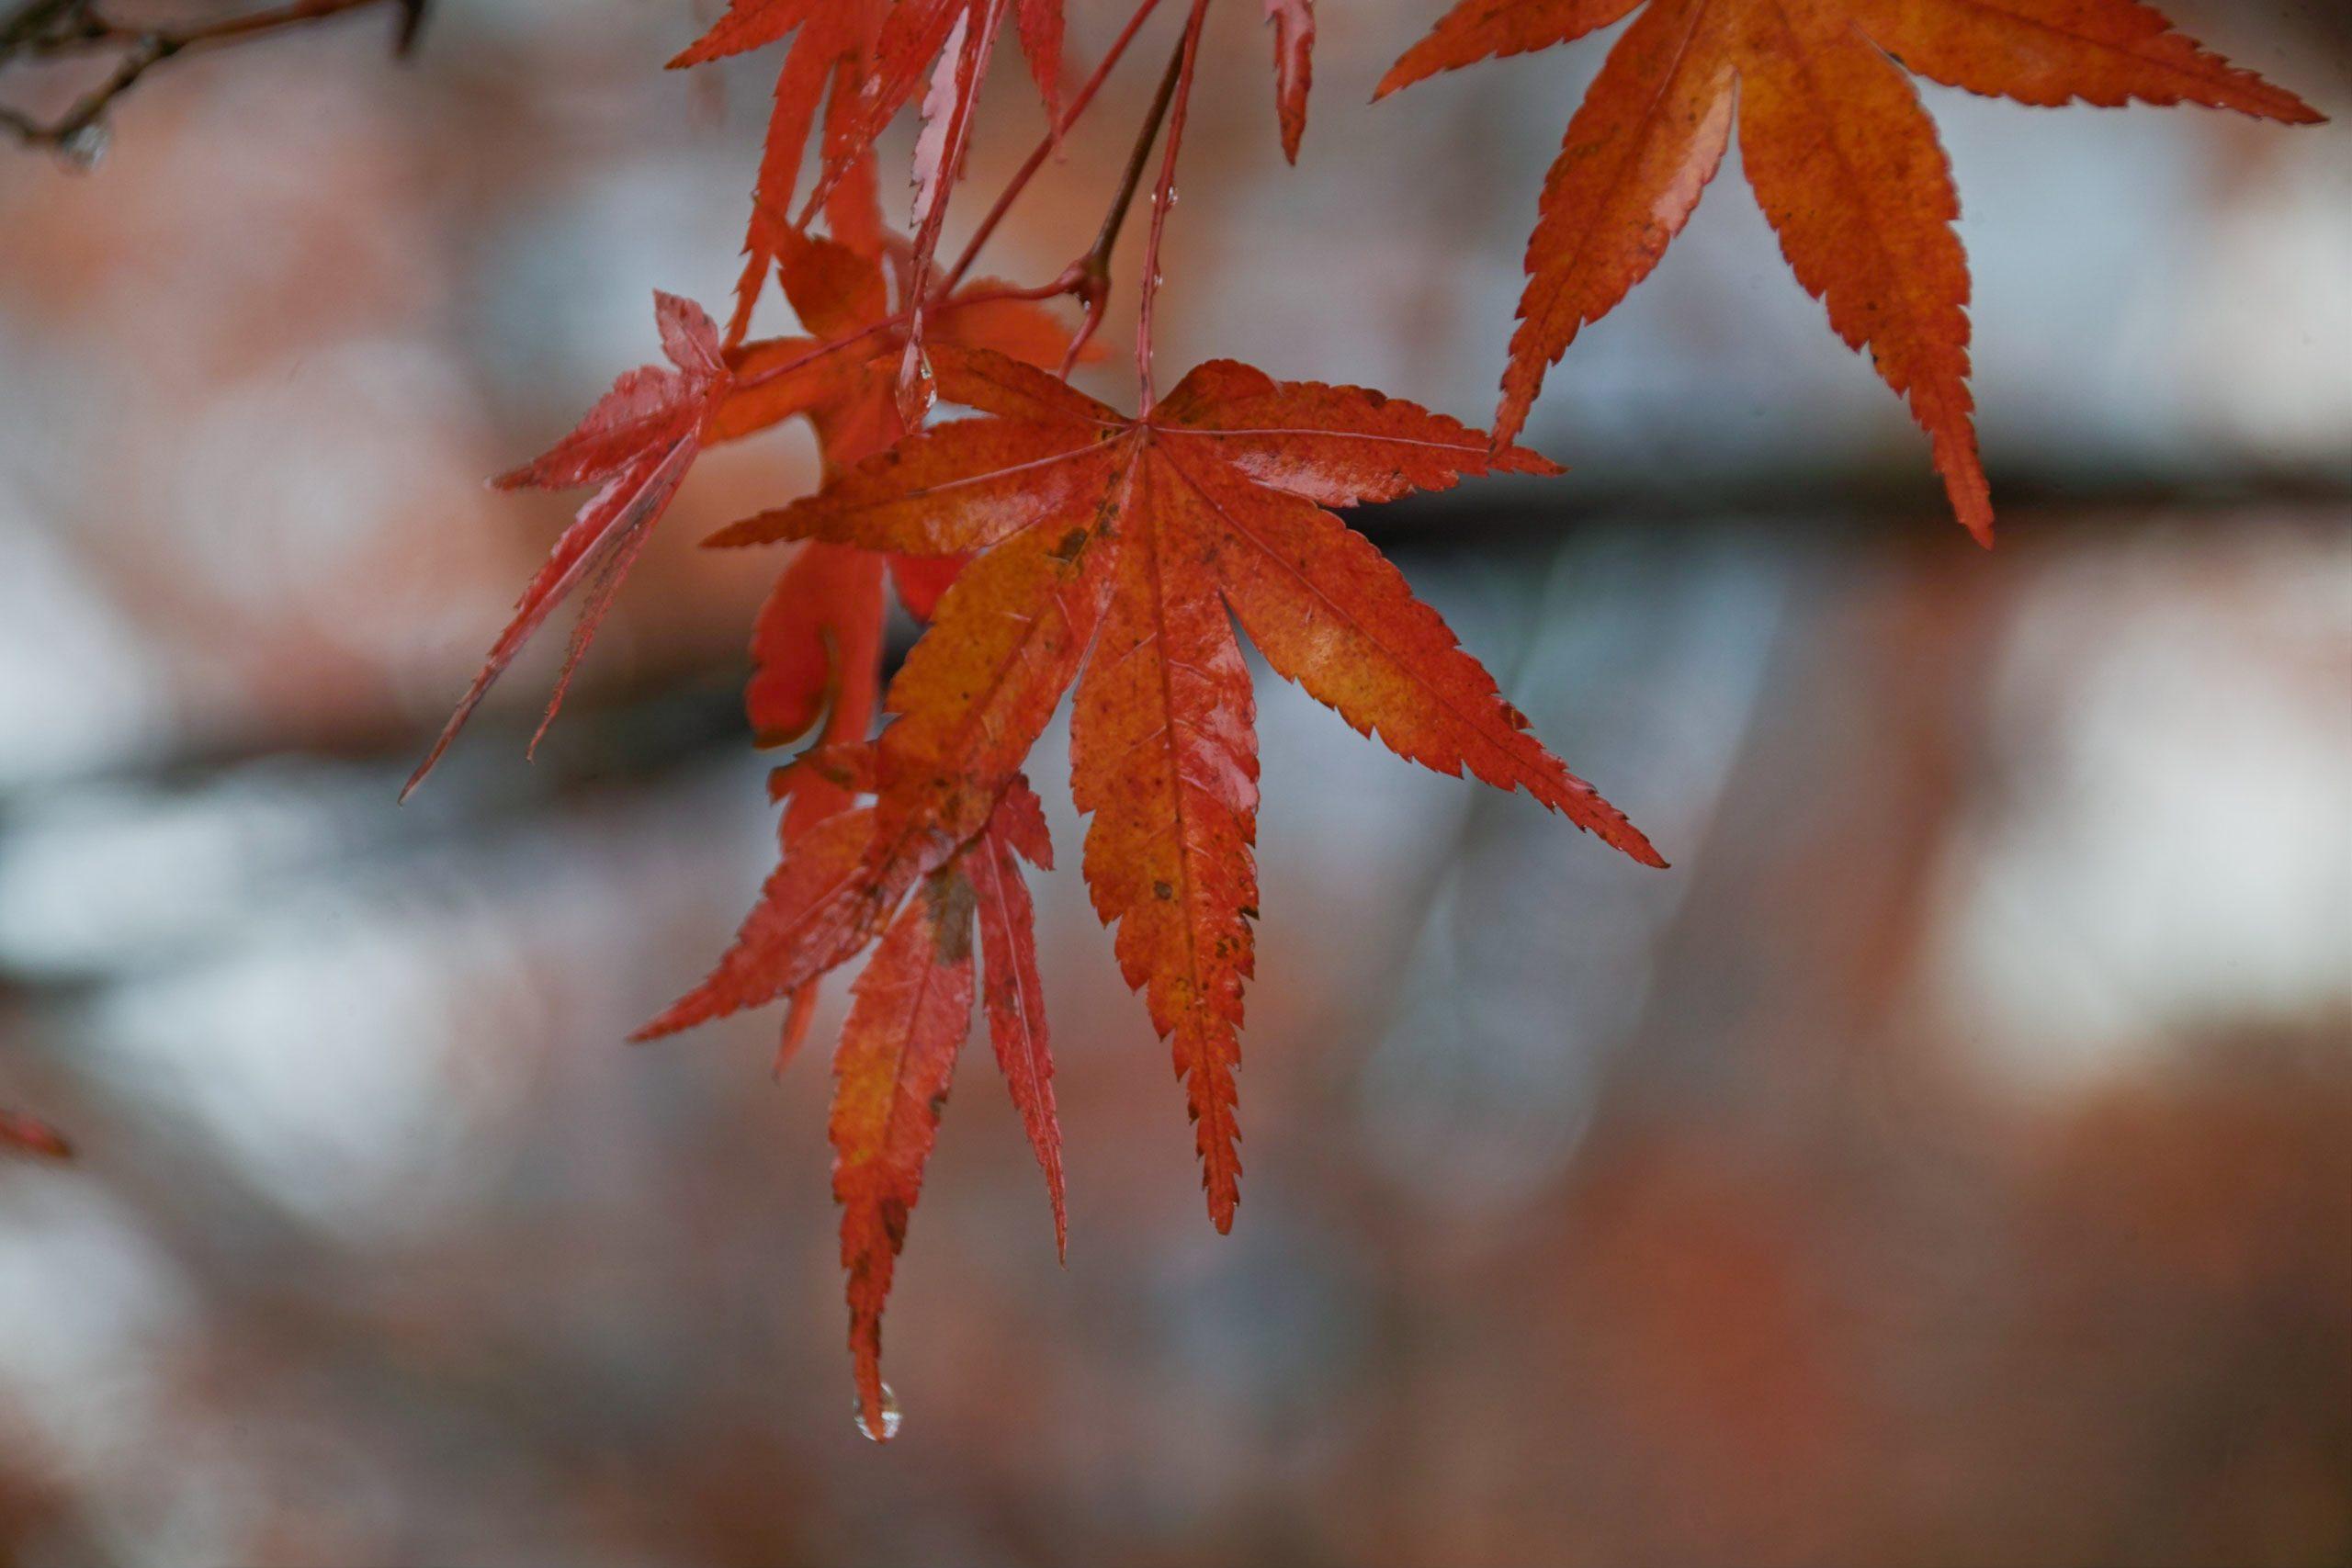 【秋、色撮りどり】FOVEONで撮る秋の空気